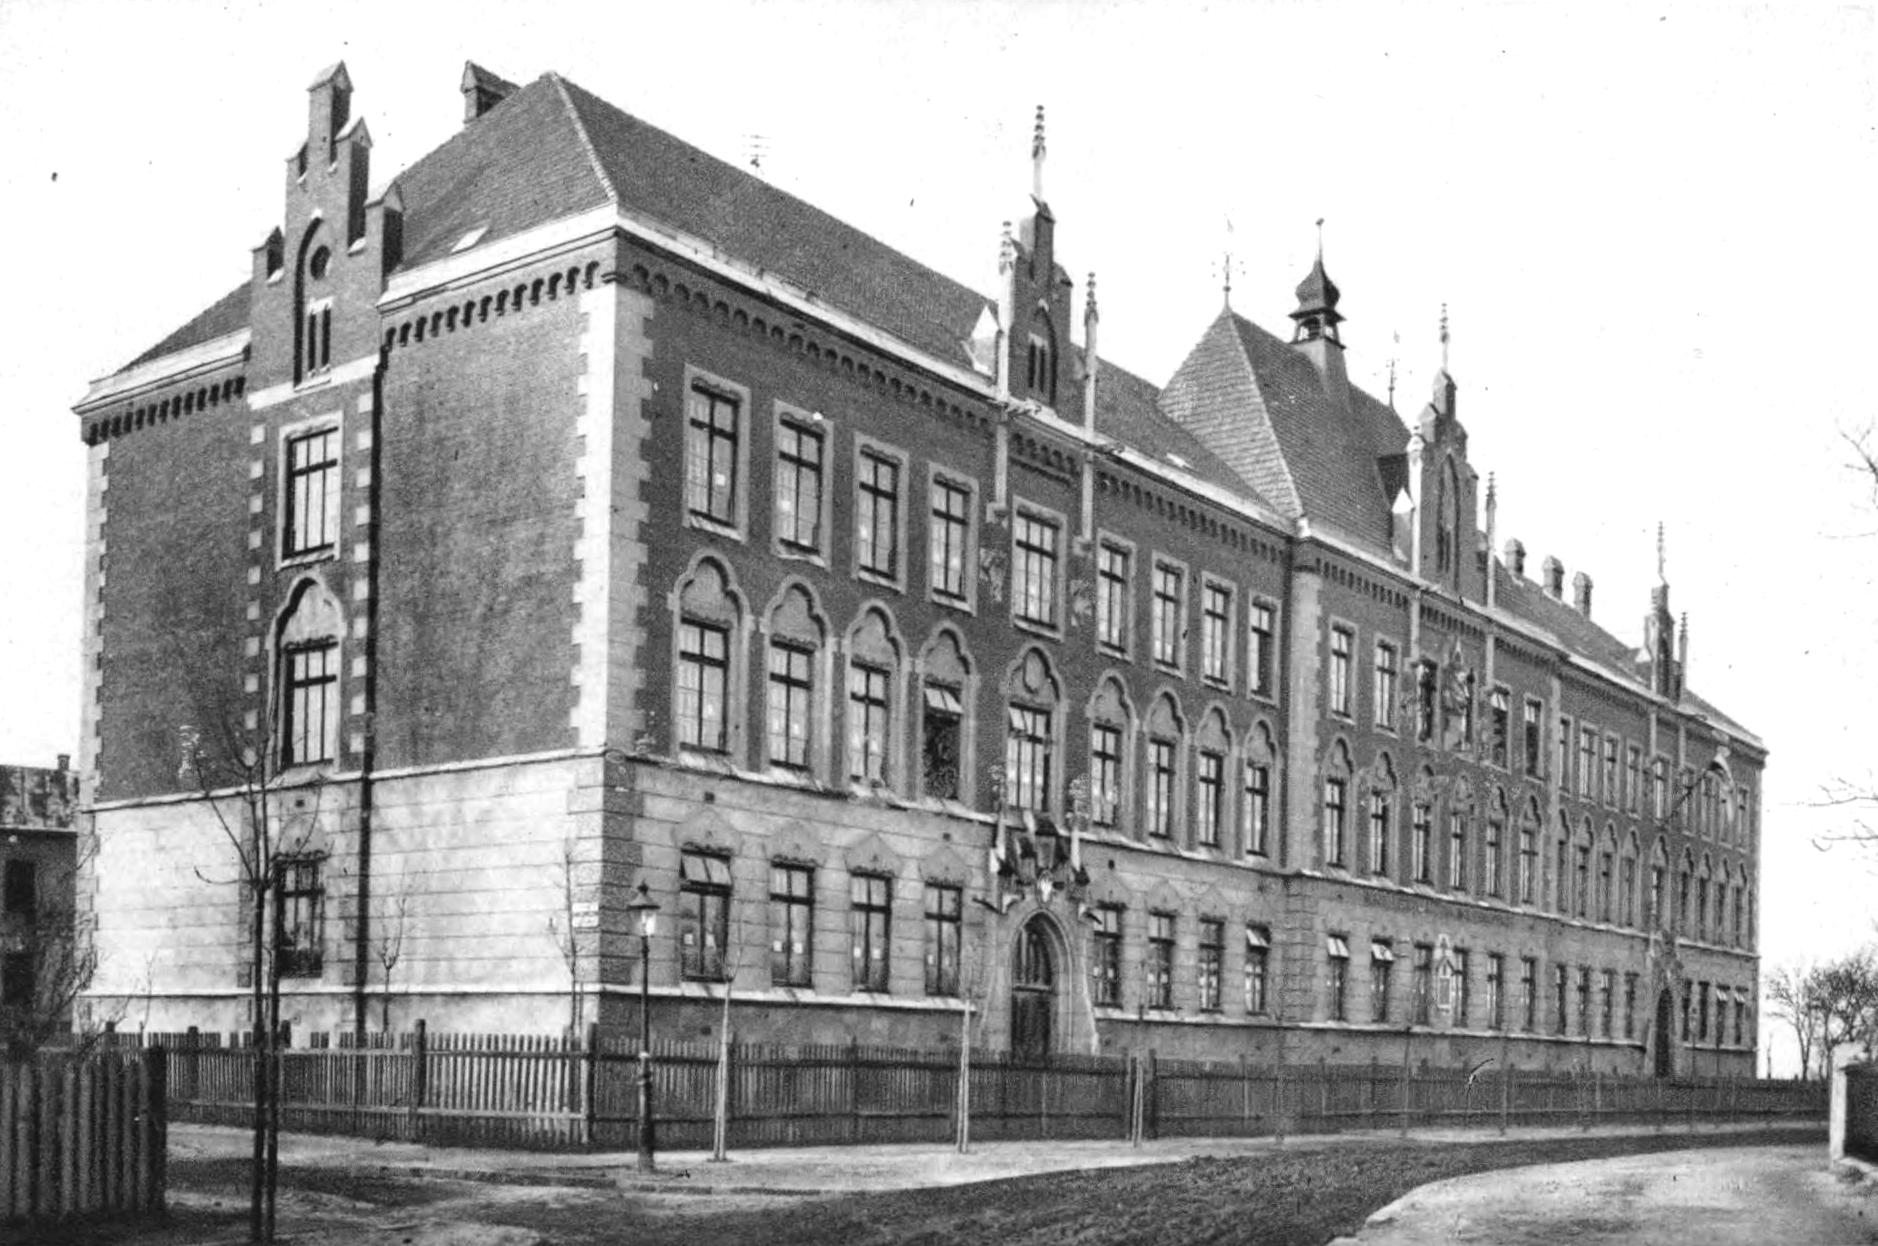 Szkoła imienia Sienkiewicza. Źródło: Semper Fidelis 1930